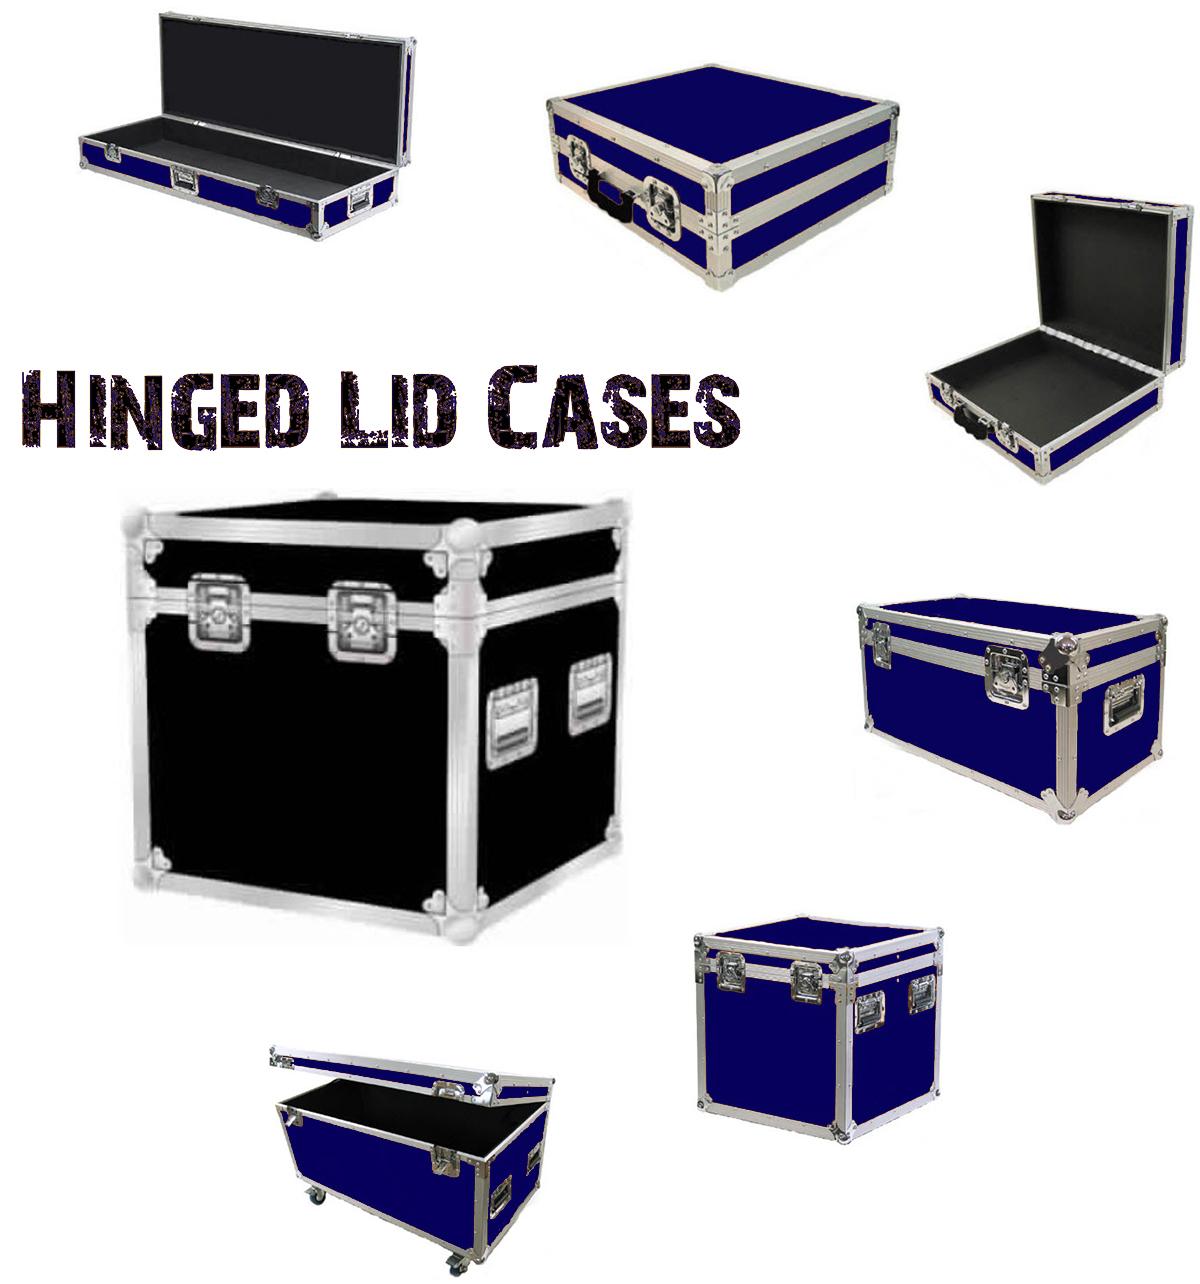 hinged-lid11.jpg